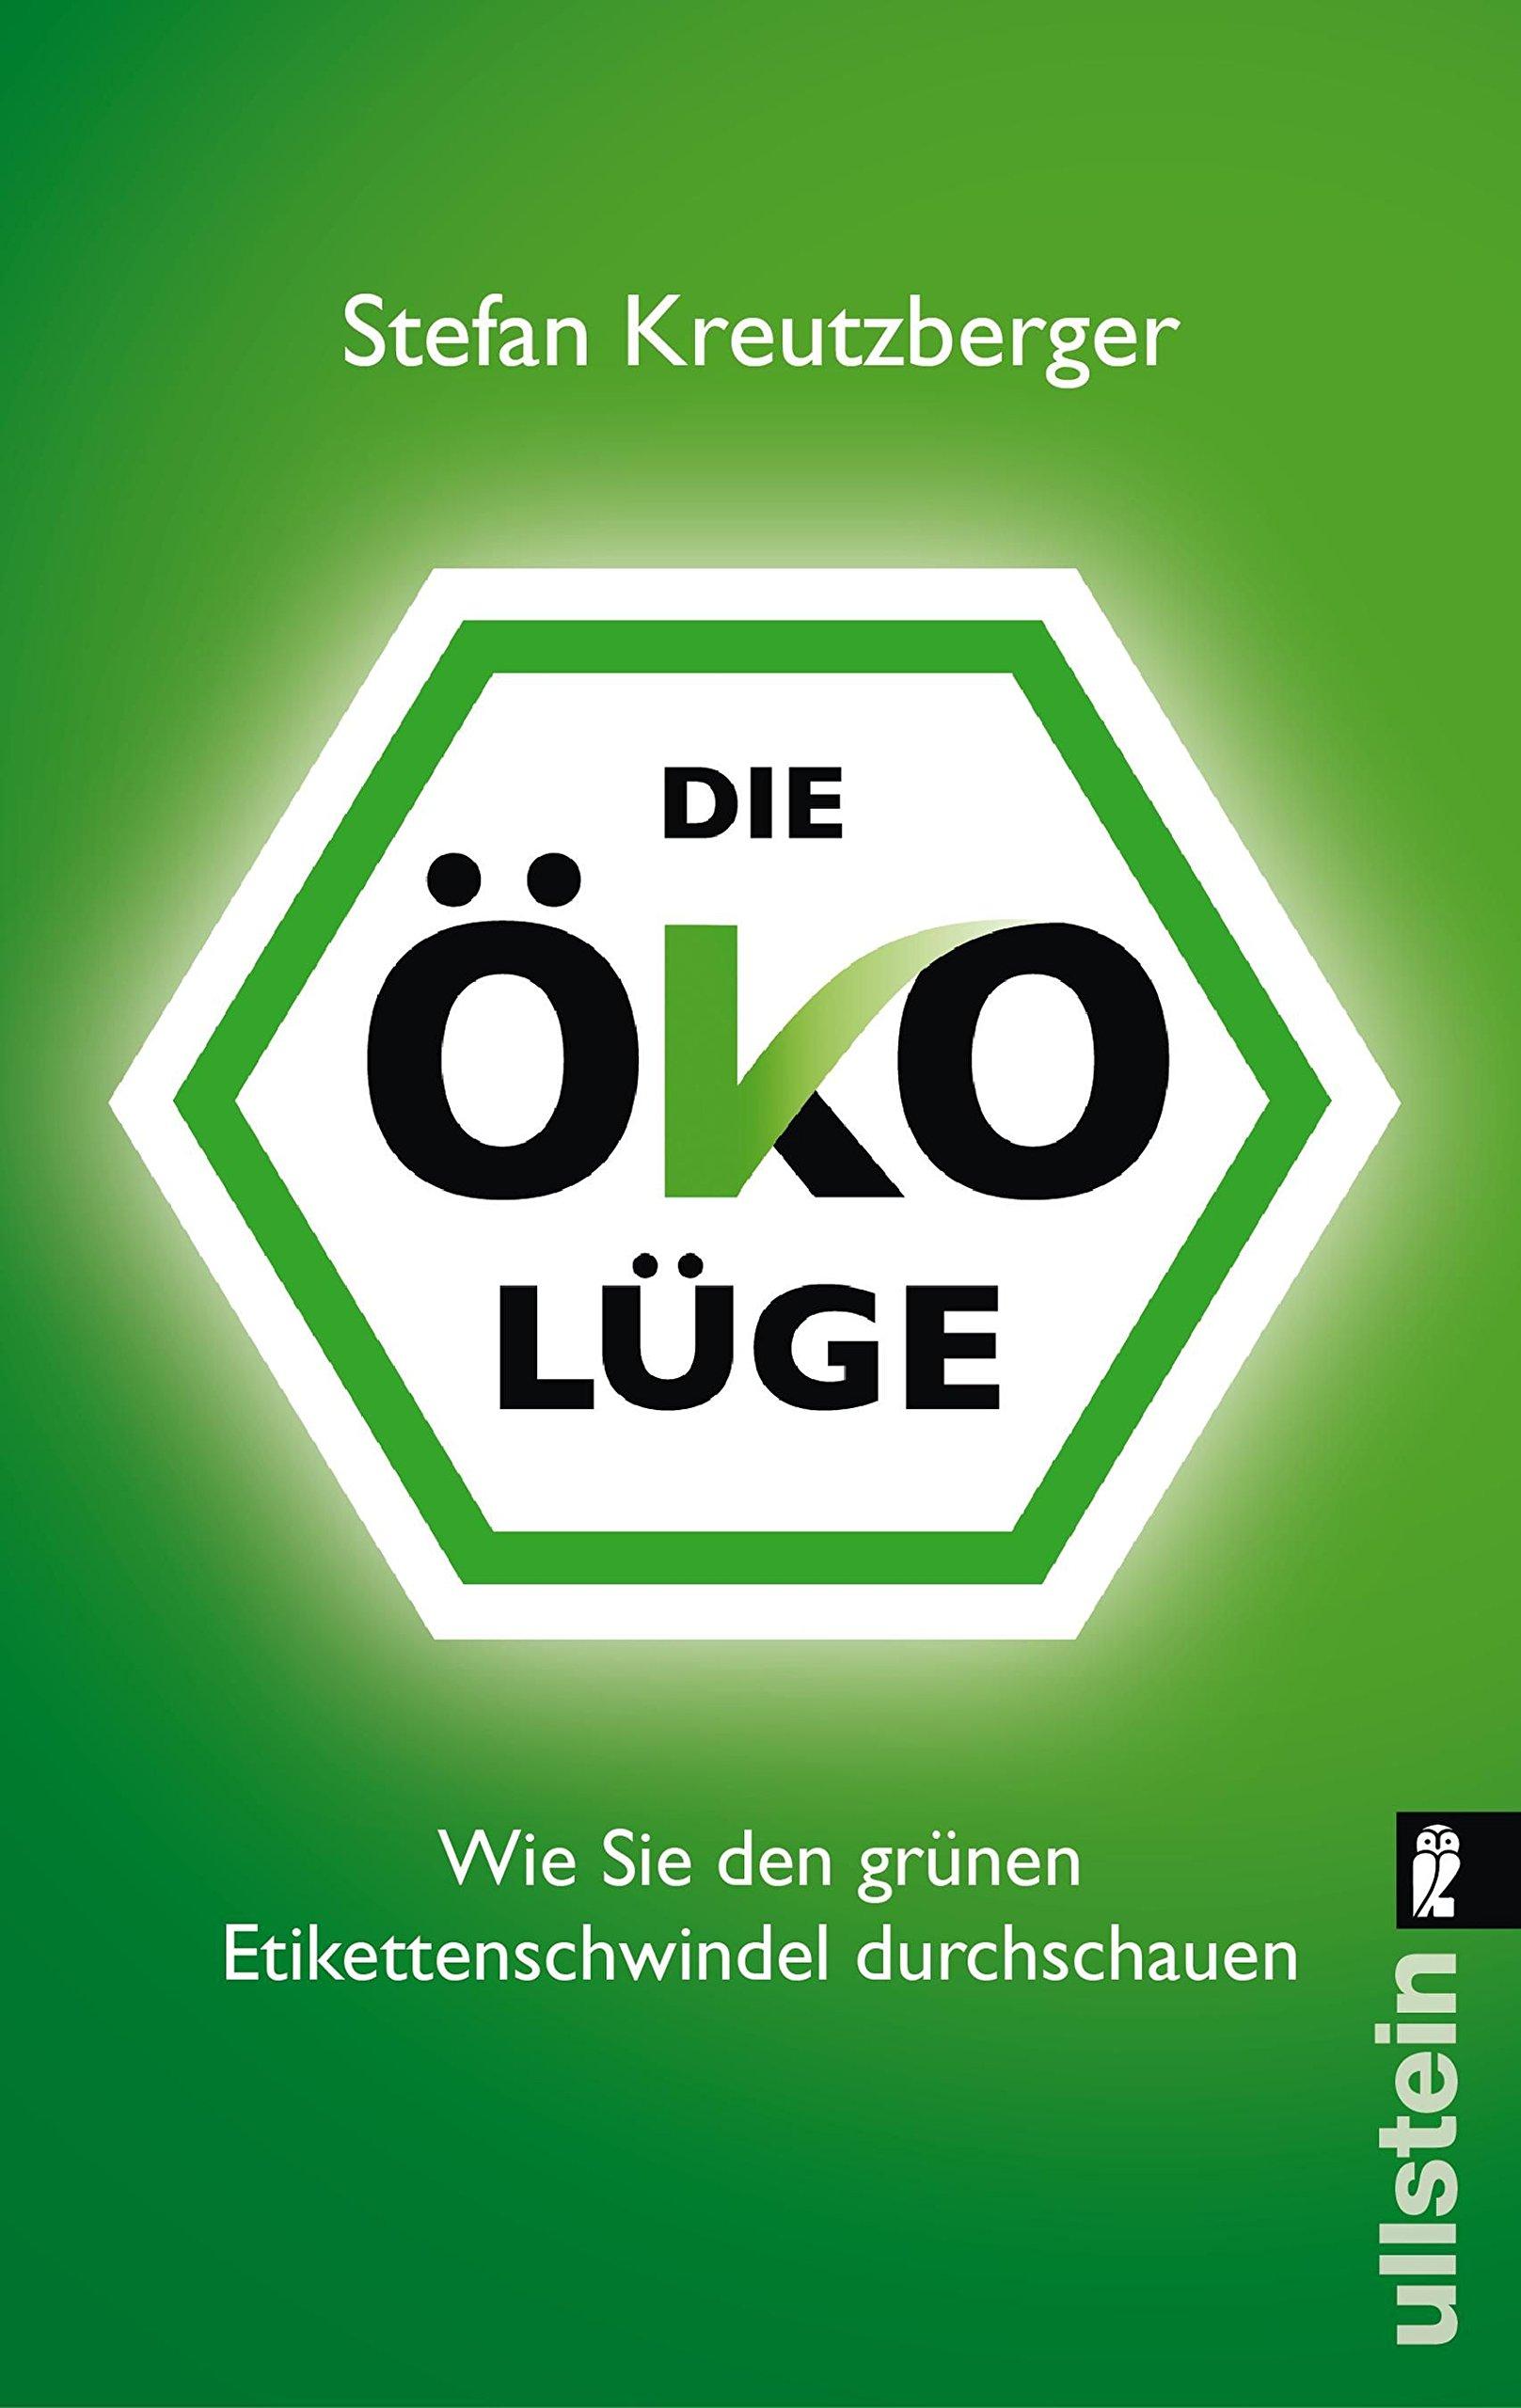 Die Öko-Lüge: Wie Sie den grünen Etikettenschwindel durchschauen Taschenbuch – 10. August 2012 Stefan Kreutzberger Ullstein Taschenbuch 3548374557 Gesunde Ernährung